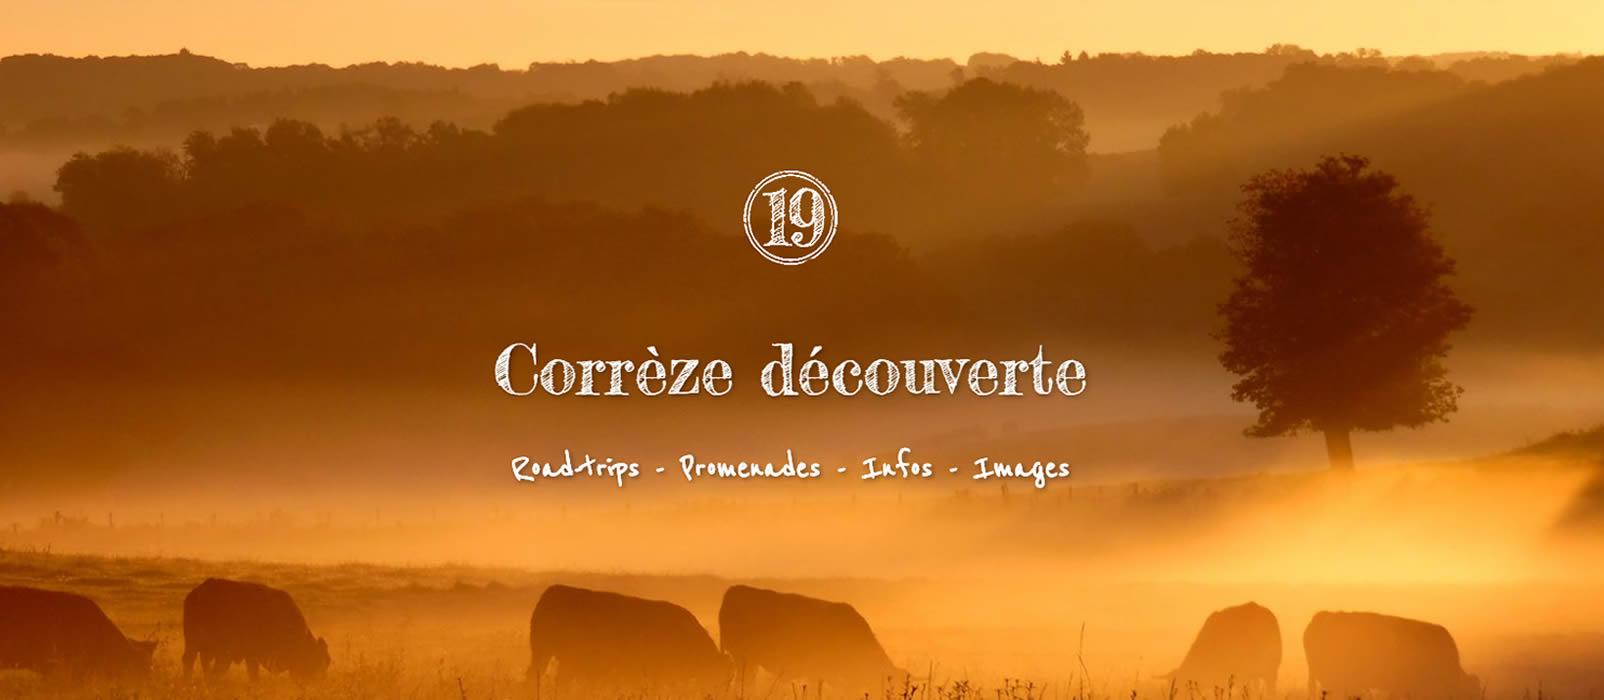 Photo partenaire - Corrèze découverte Blog Road-trips Promenades Randonnées Images Photos - Bienvenue à la Vérénerie -  Chambres et table d'hôtes